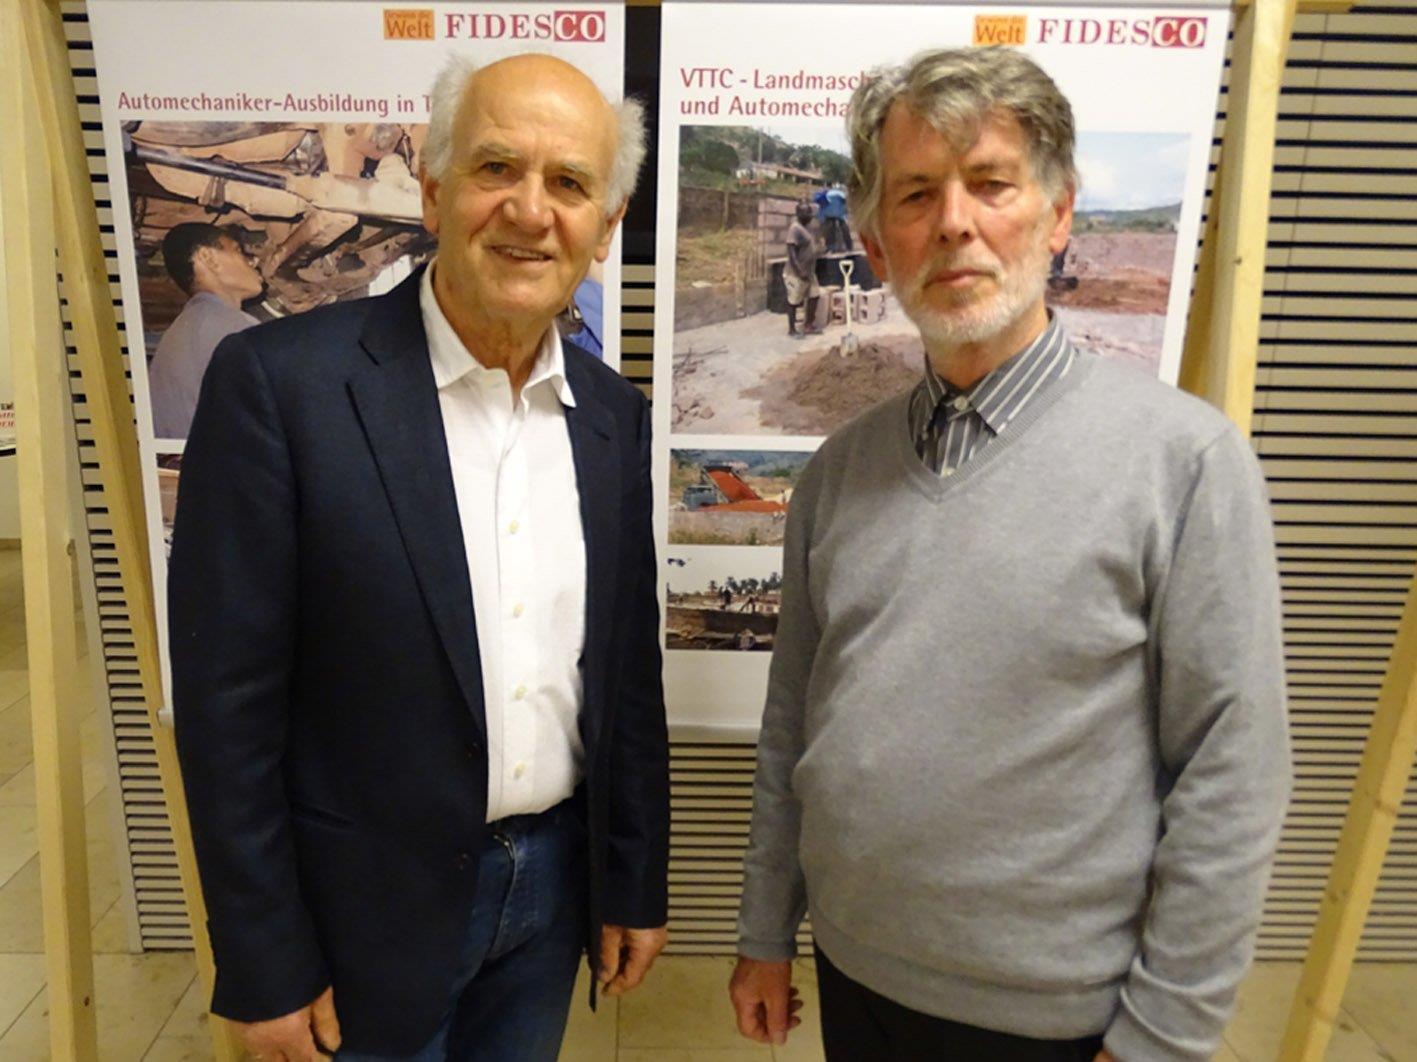 Hugo Ölz (r.) und Werner Ilg informierten über das FIDESCO-Projekt in Enugu.